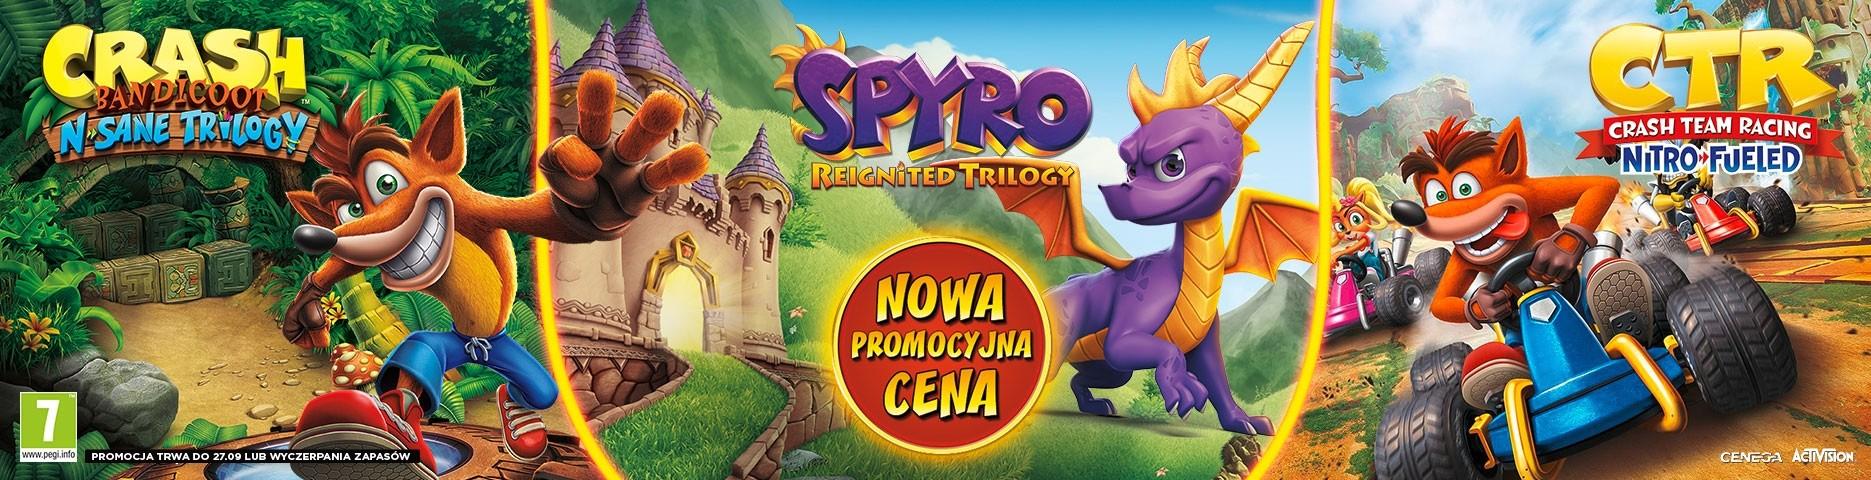 Spyro i Crash w super cenie!